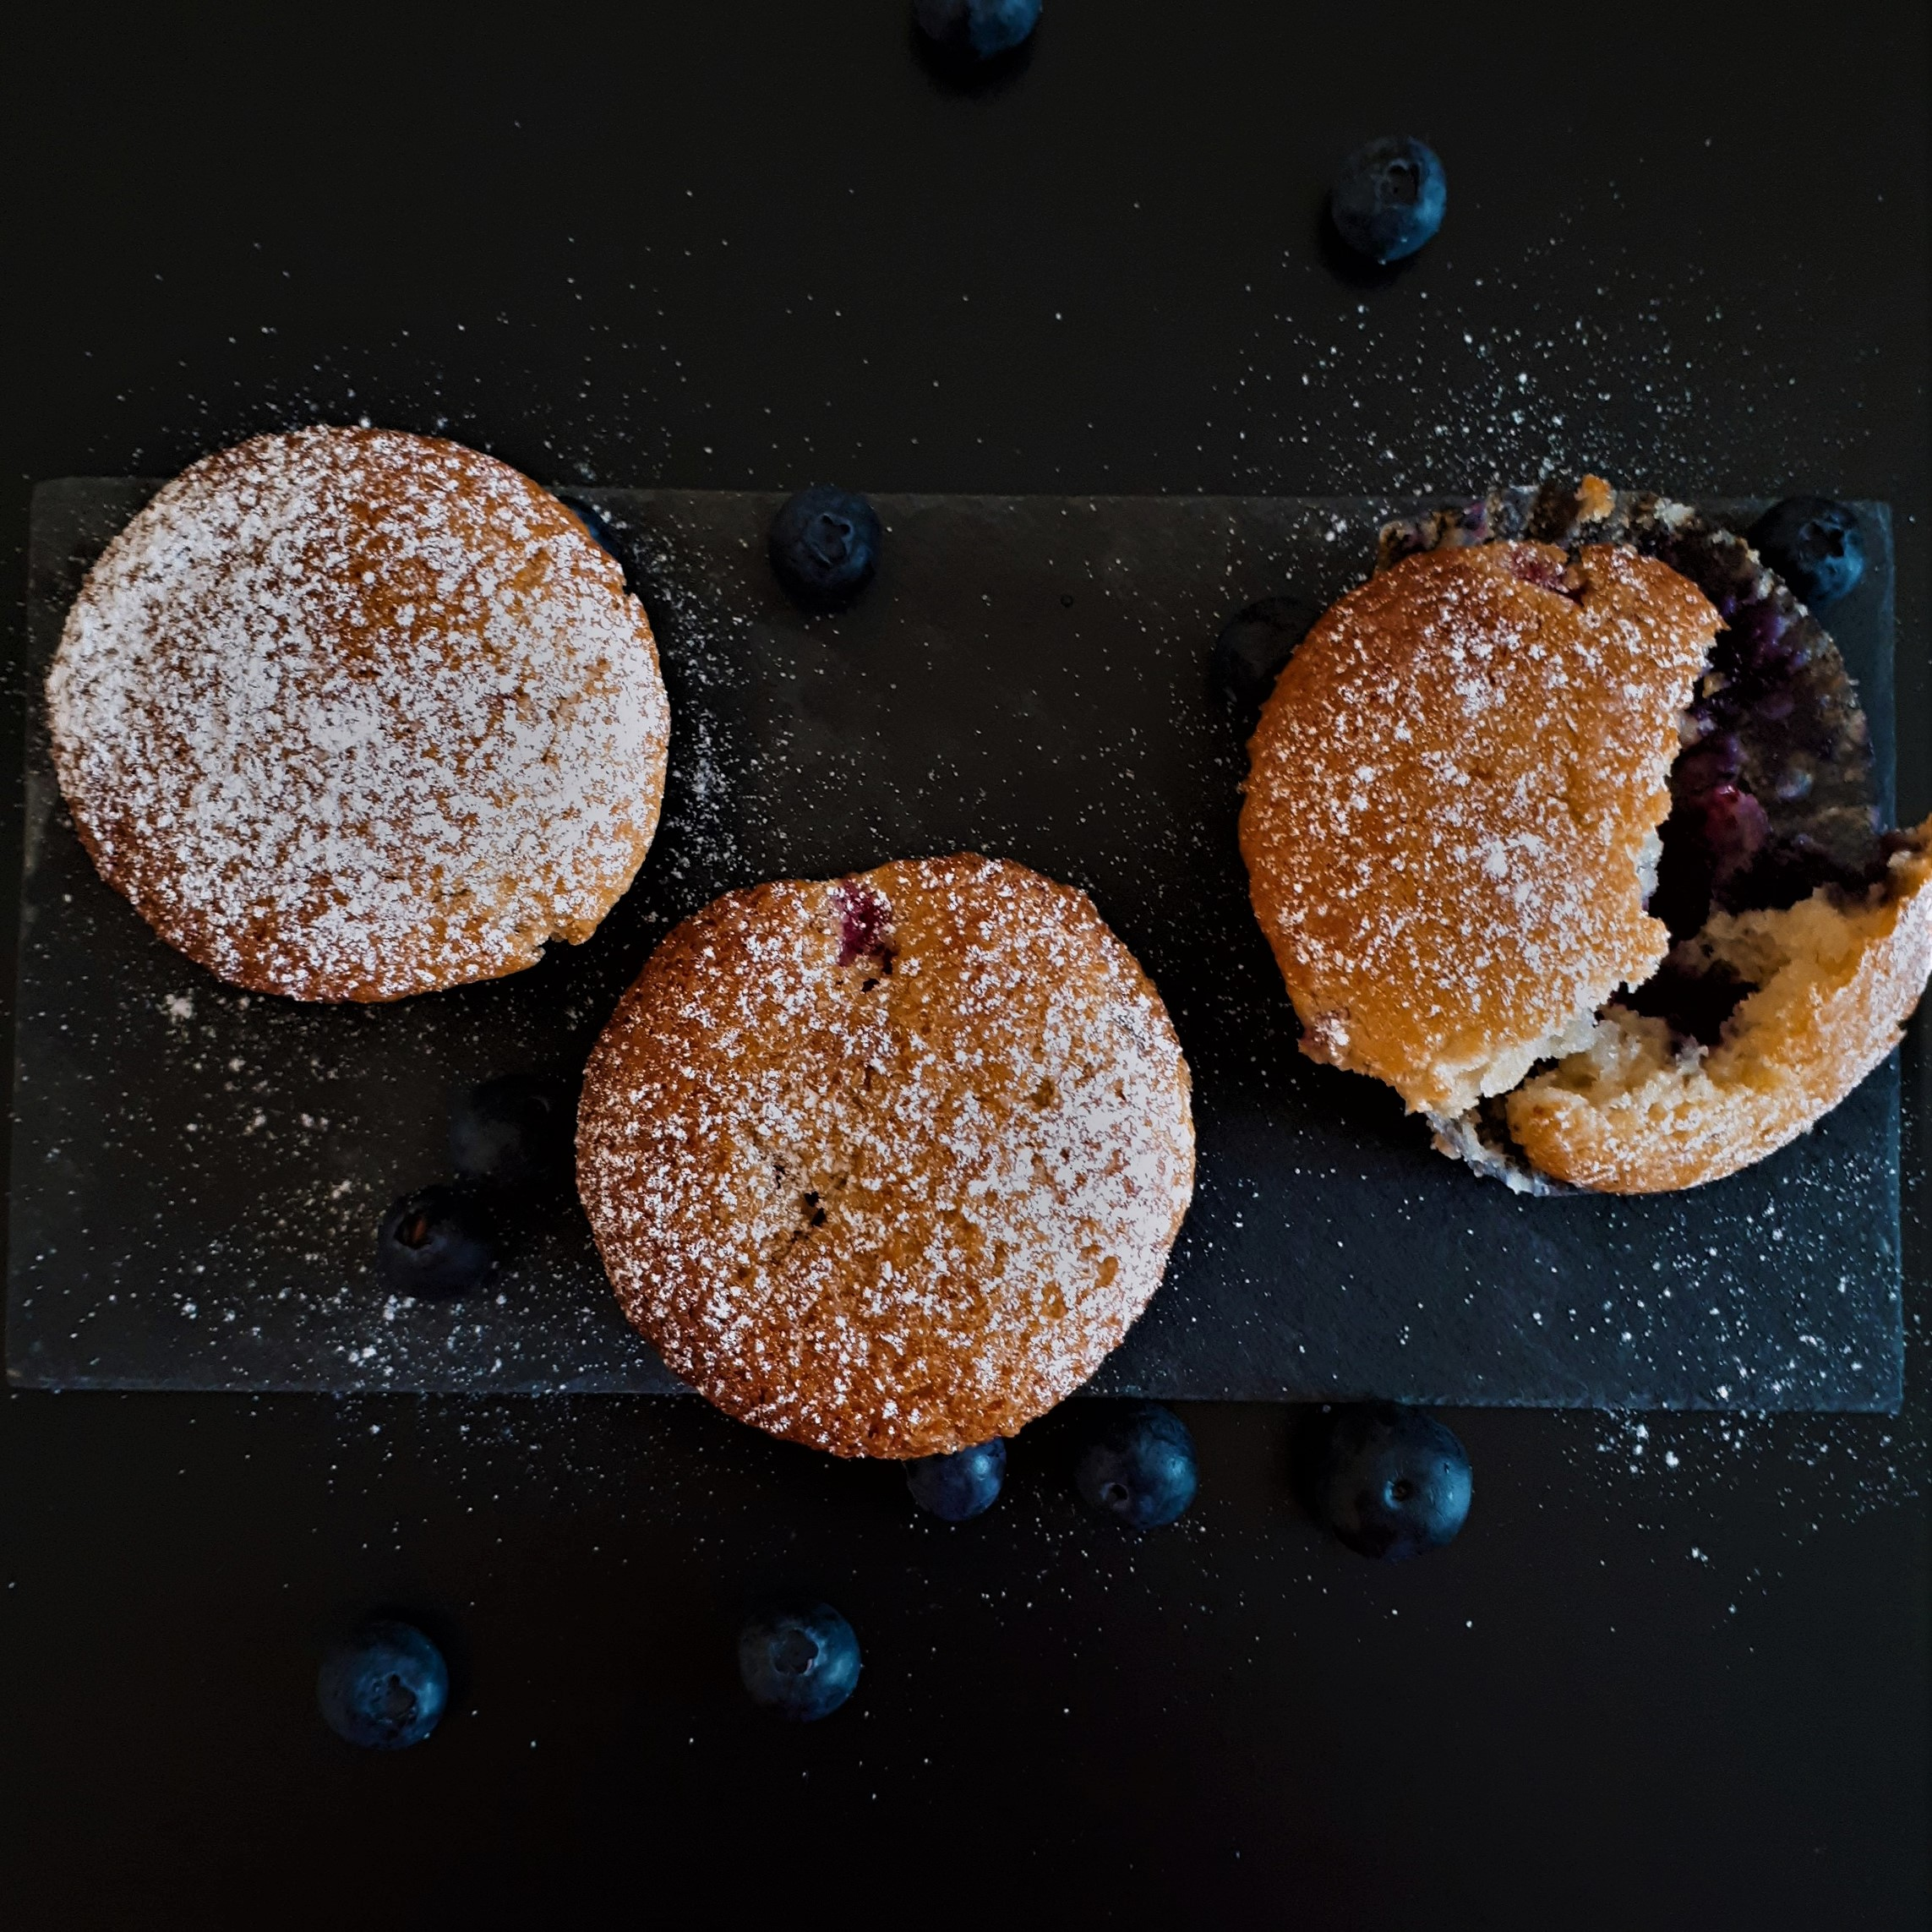 Pohľad zhora na čierny kamenný podnos na čiernom matnom podklade s troma muffinami posypanými príčkovým cukrom obsypané čerstvými čučoriedkami z jednej muffiny kúsok odtrhnutý s odhalenou náplňou z lesného ovocia.